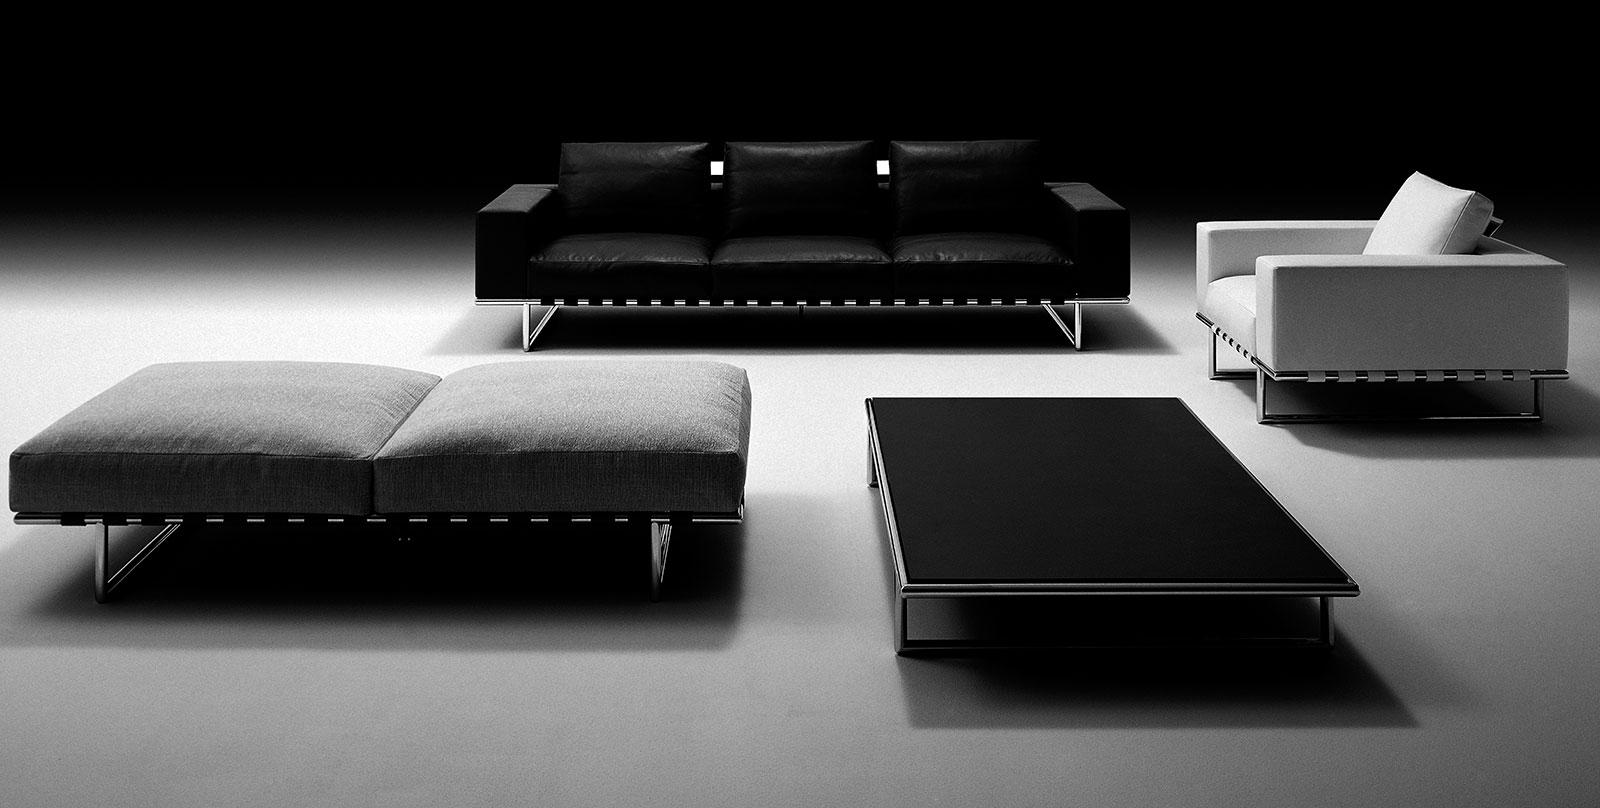 divano pelle Mauro Lipparini misure grande bianco nero marrone posti prezzo salotto moderno foto immagini arredamento casa lusso 2017 design made in italy